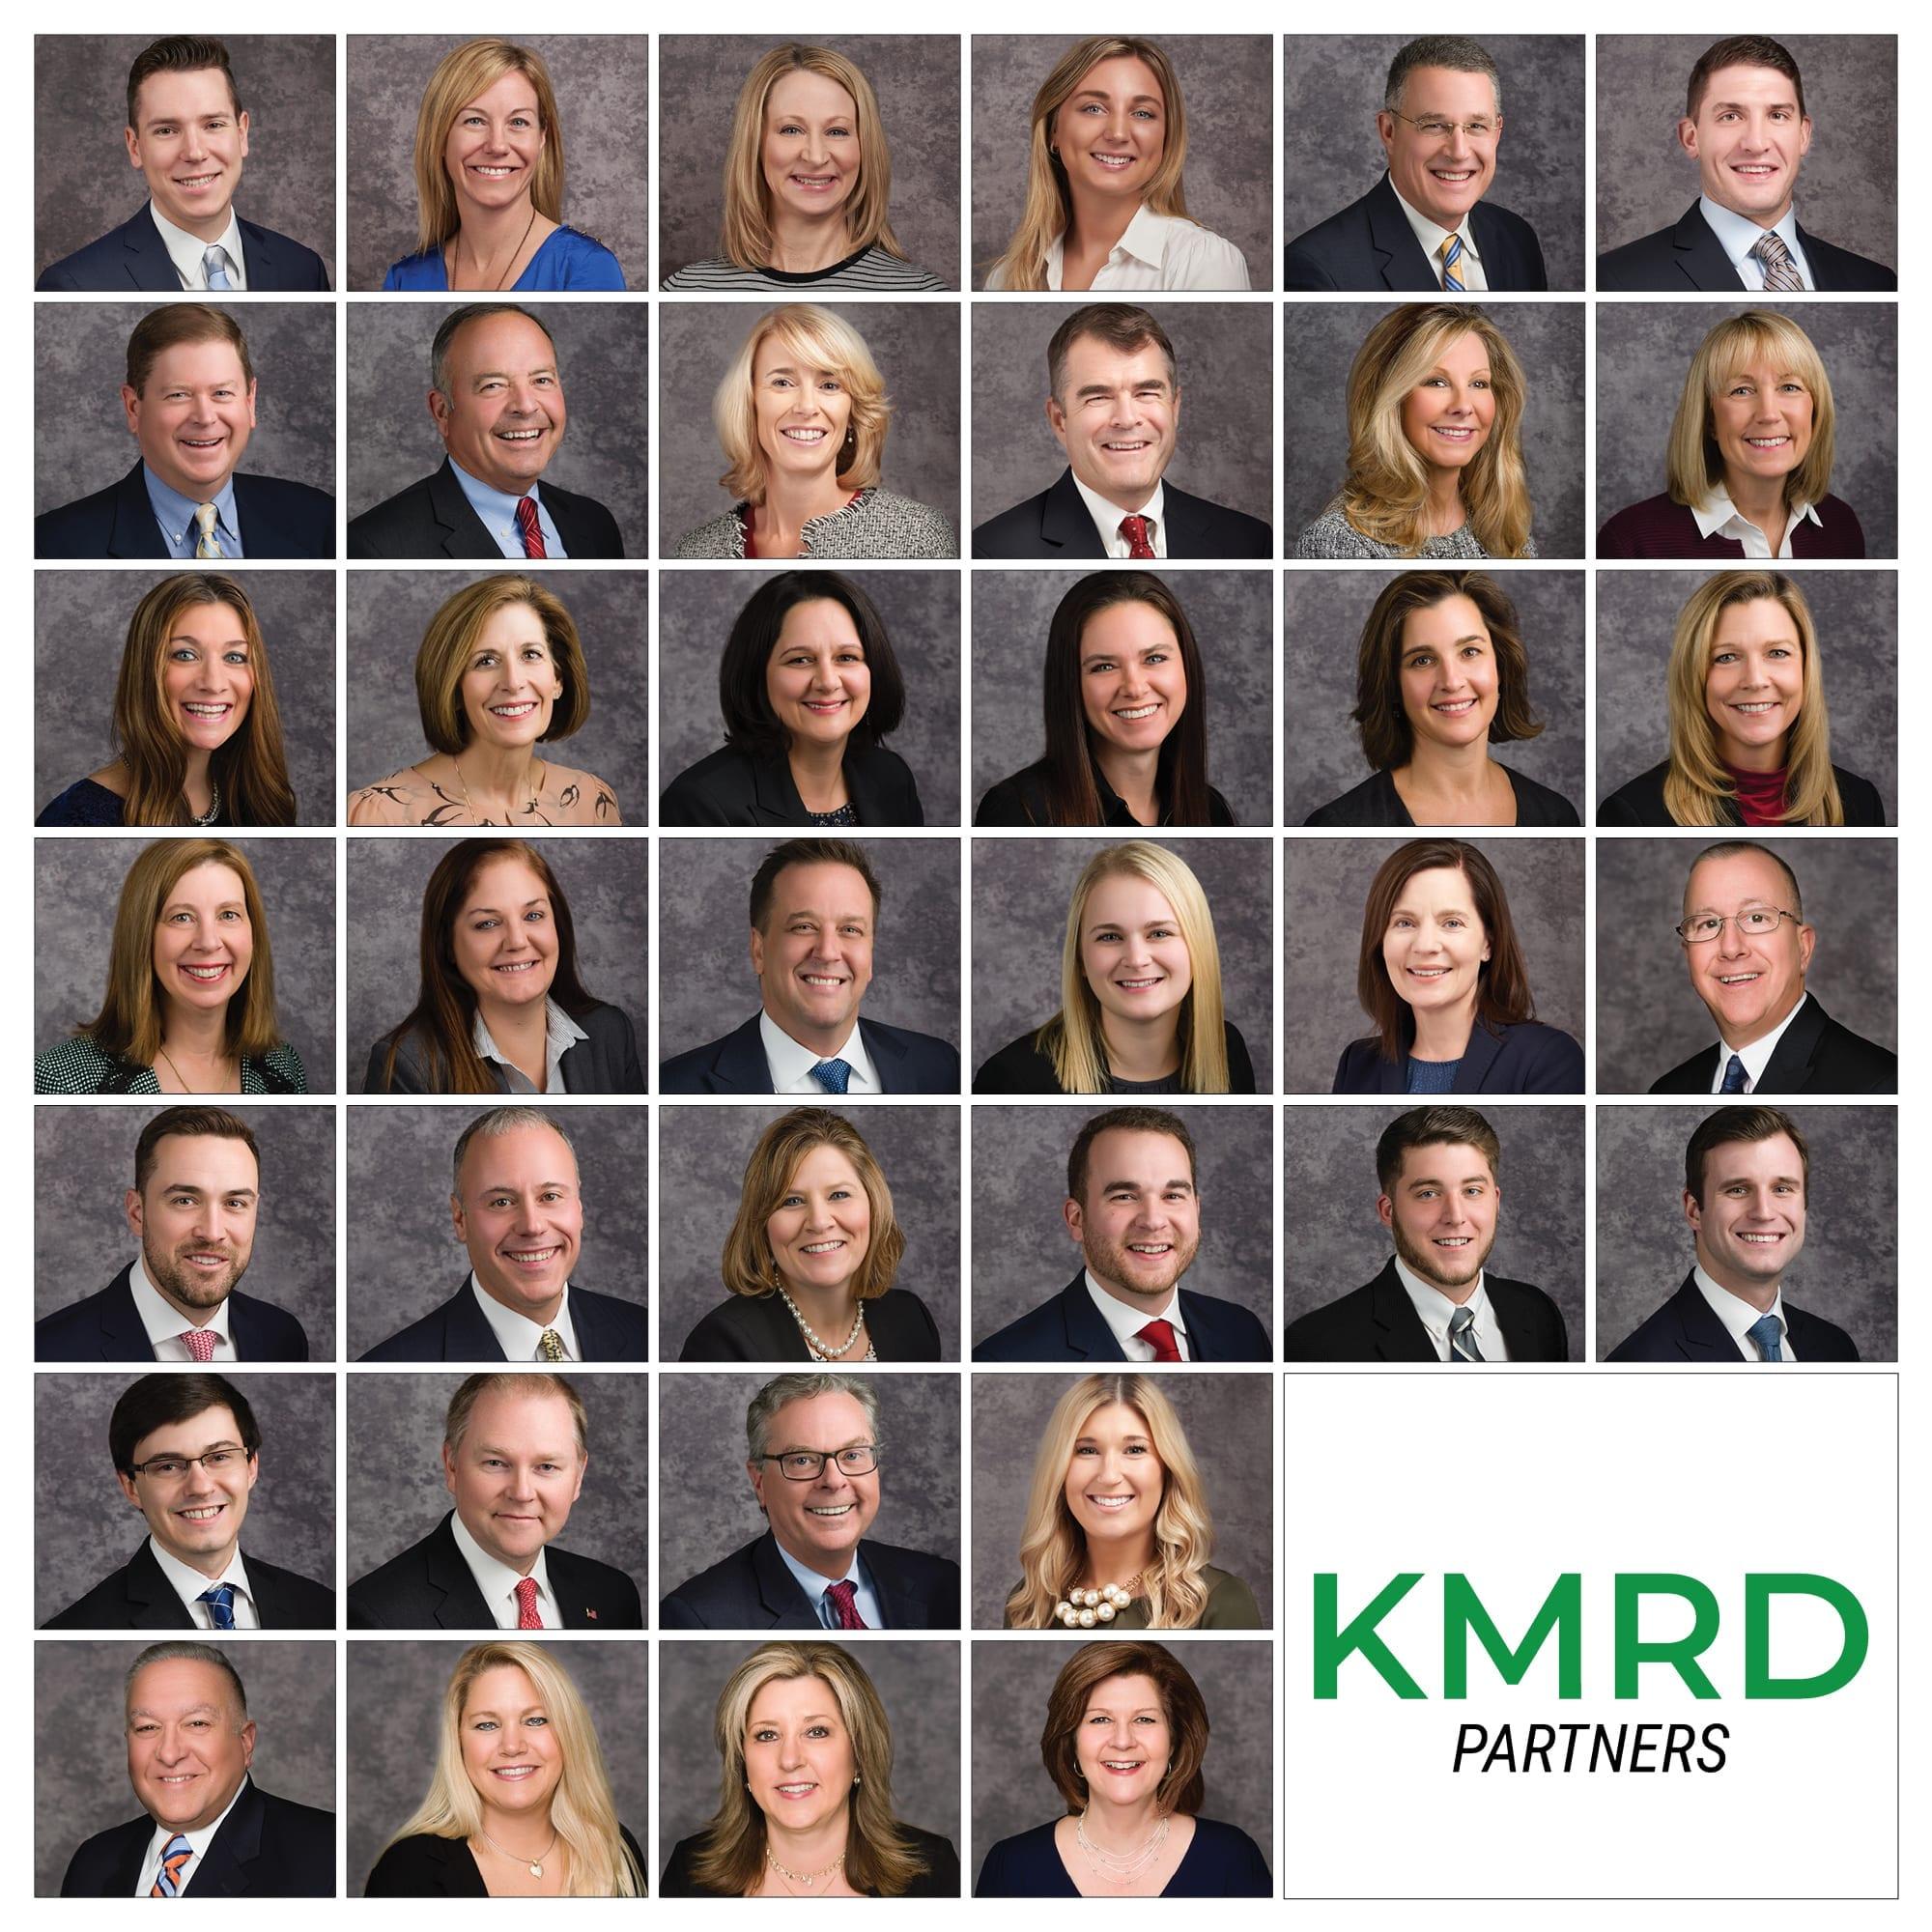 JMP 001 KMRD Grid